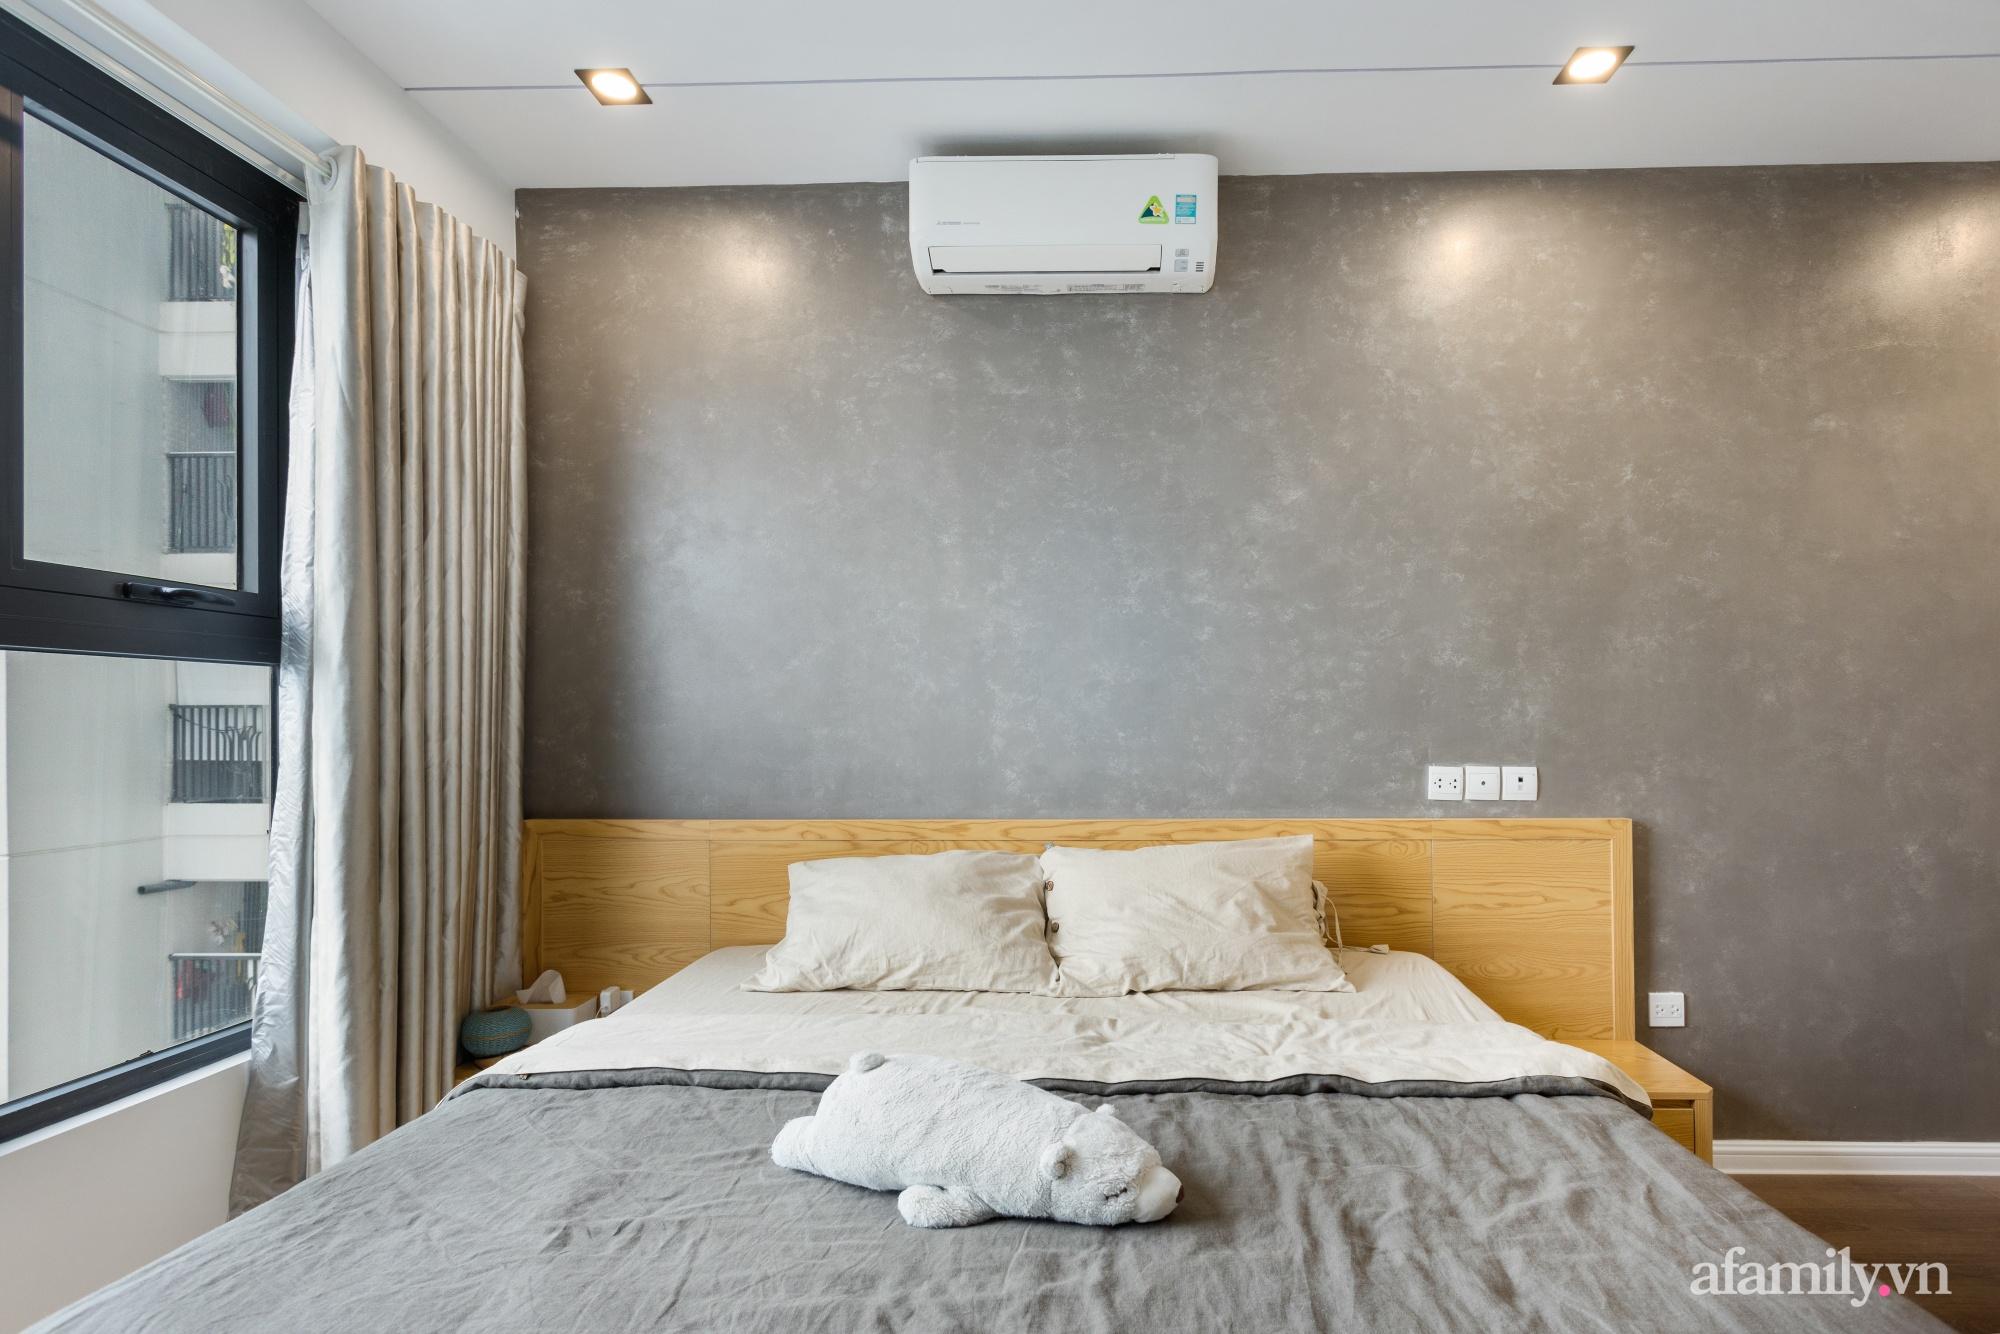 Chi 200 triệu đồng, blogger du lịch Sài Gòn thiết kế căn hộ tối giản rộng 83m² đẹp không góc chết nhờ đặt ra 5 nguyên tắc vàng - Ảnh 18.